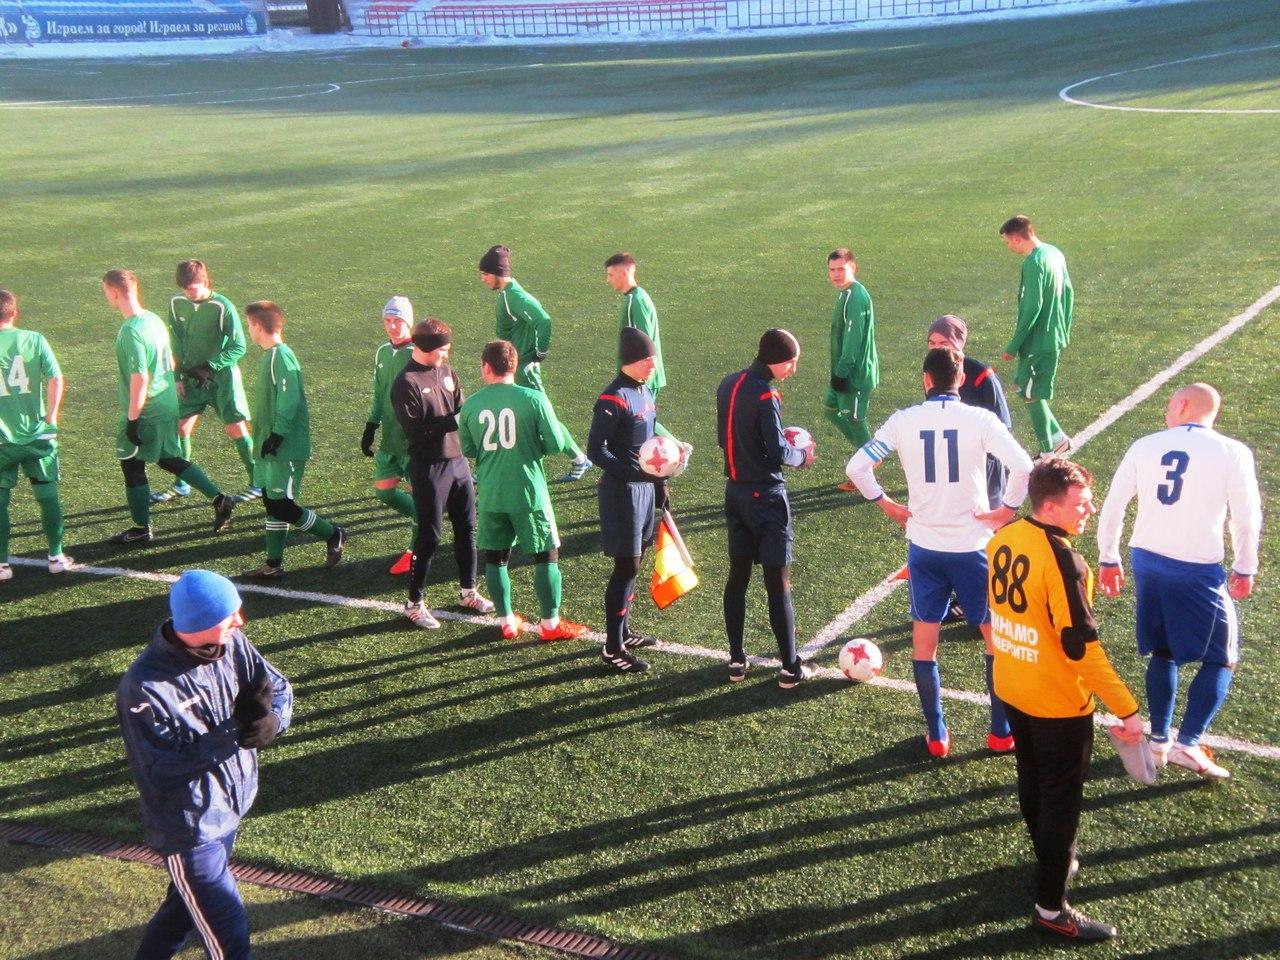 30 марта 2018 г. стартовал зональный турнир Кубка Чемпионов областей,